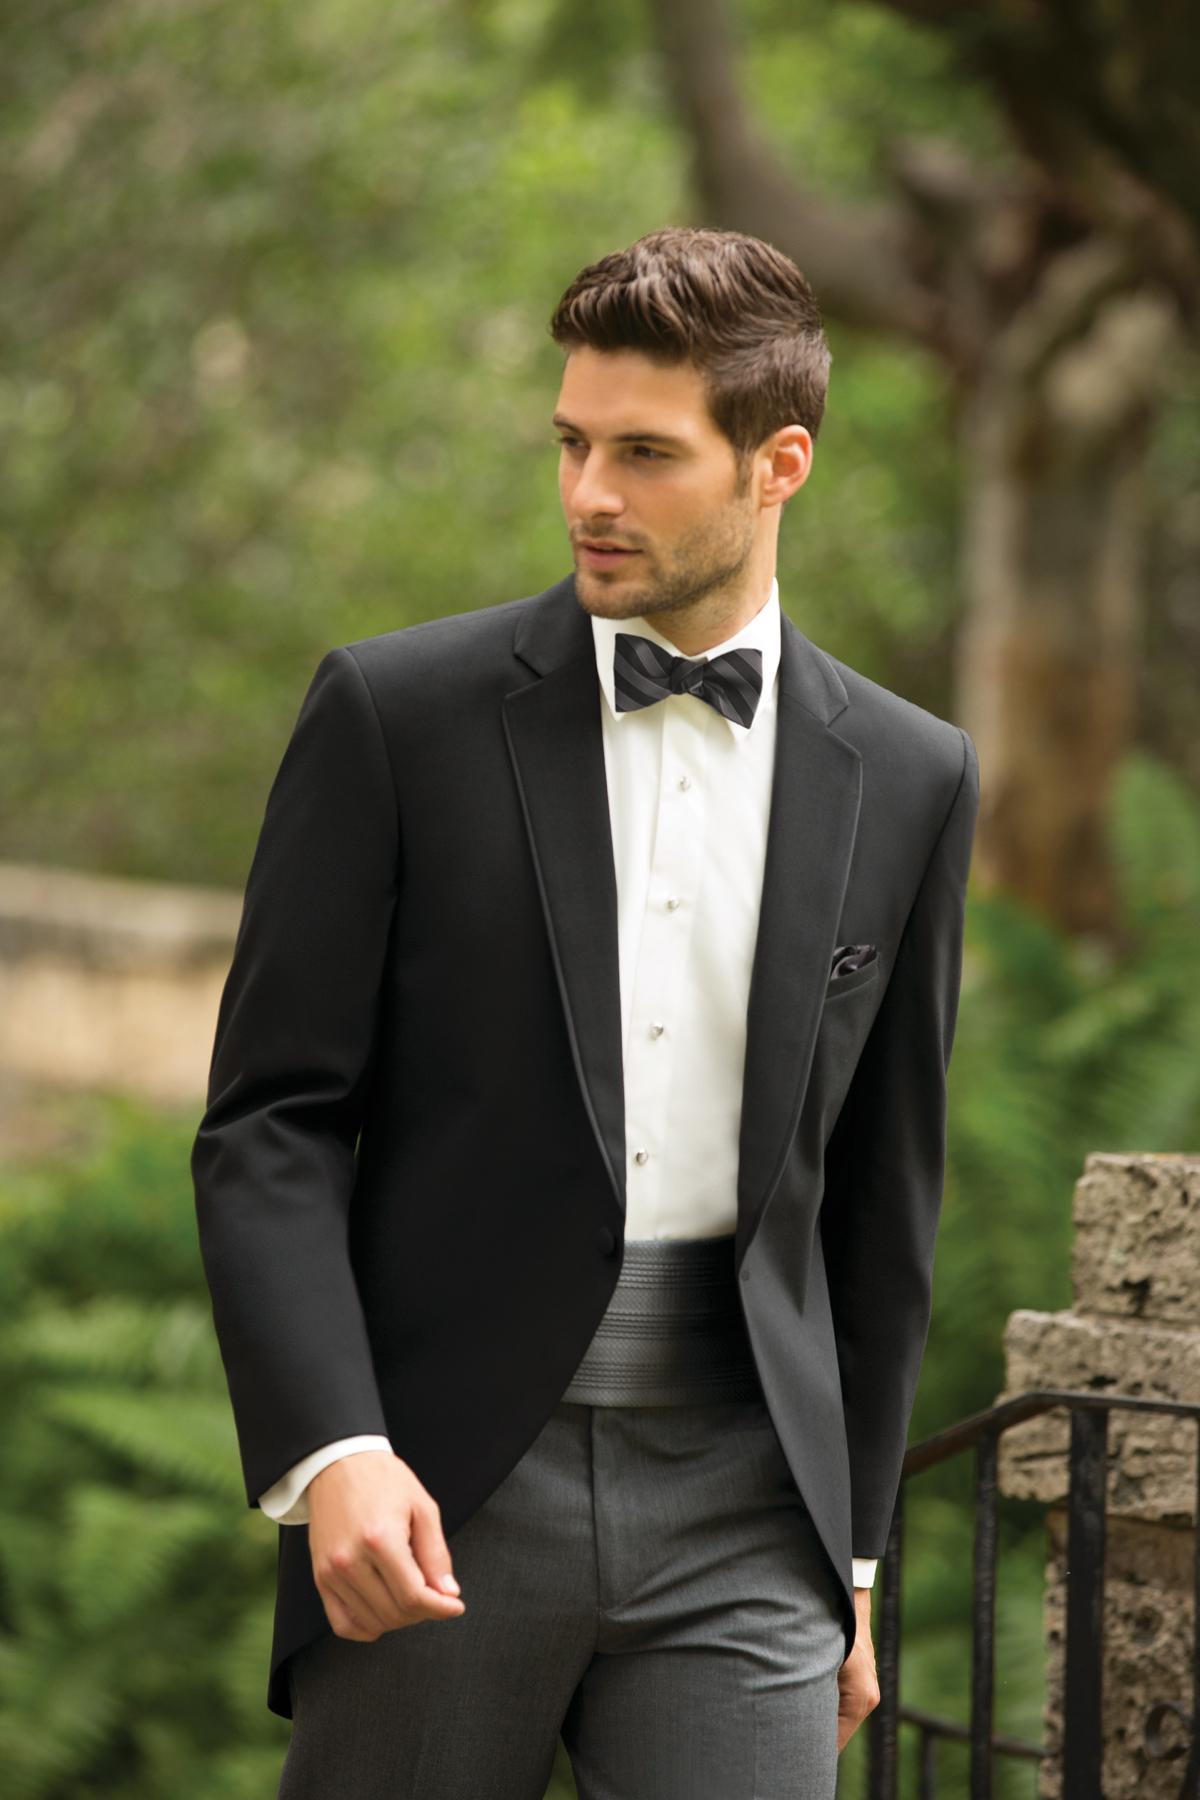 Mens-Wedding-tuxedos-ideas-2015 00